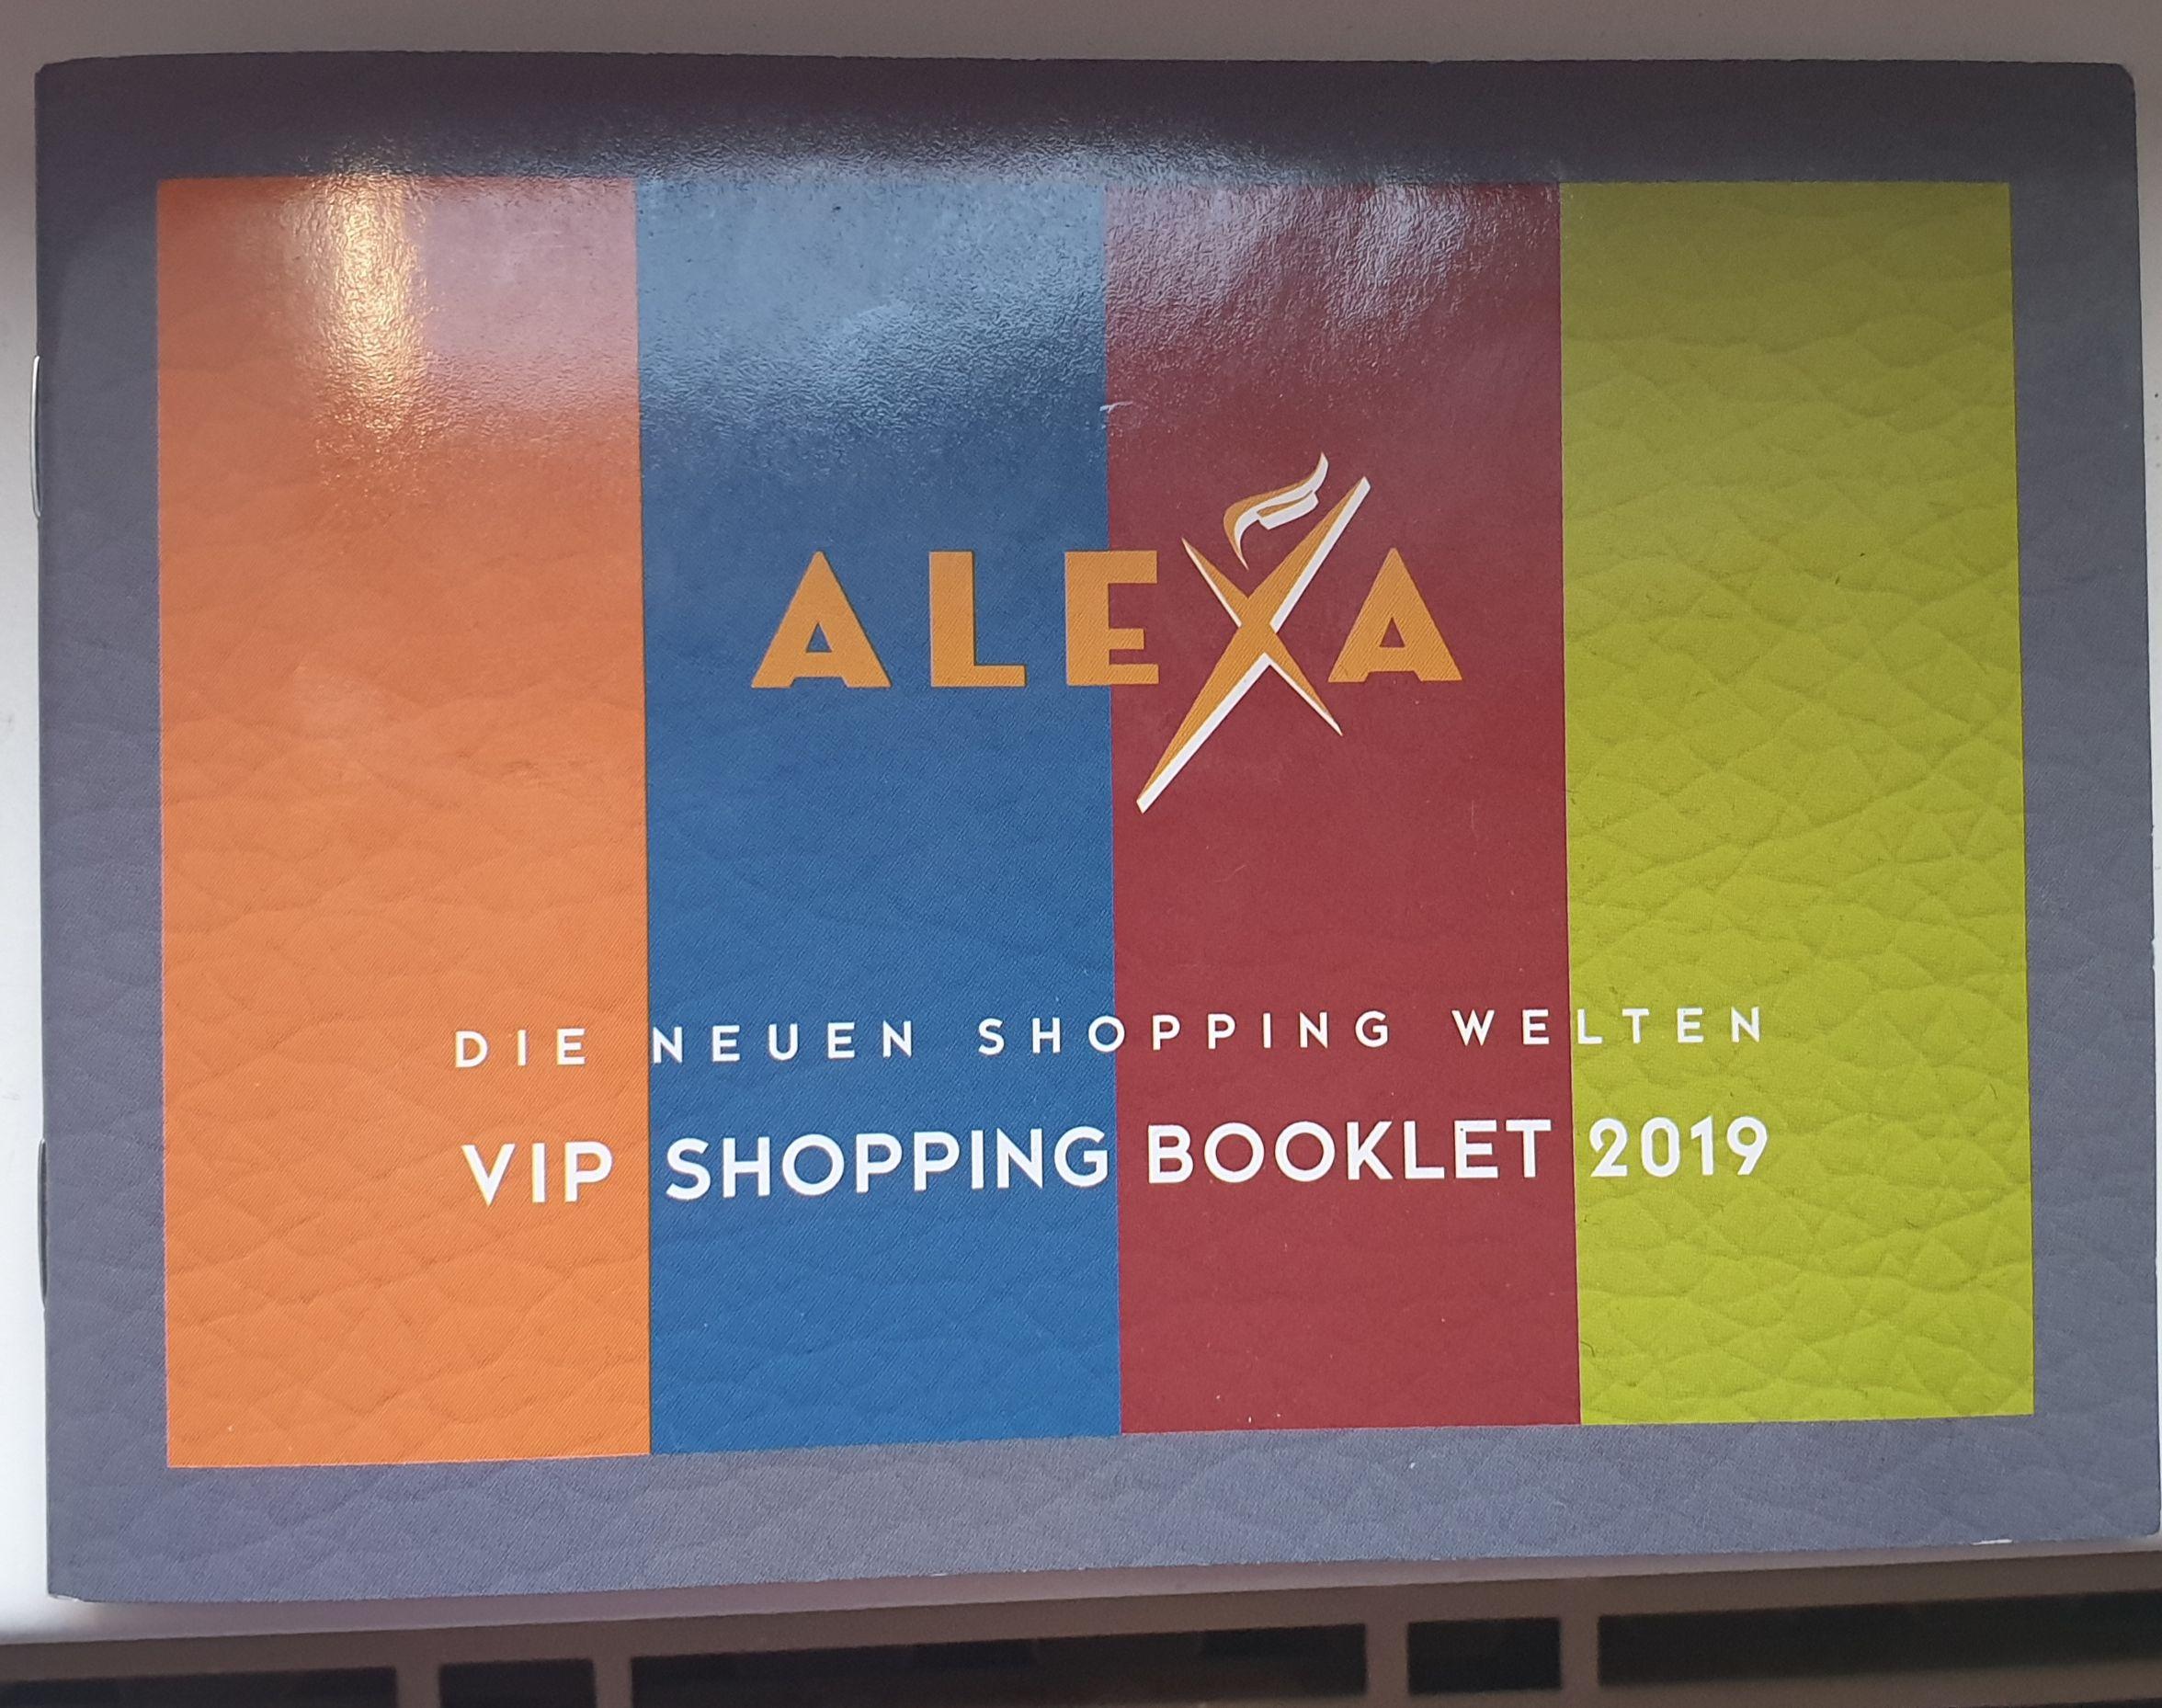 Lokal Berlin Alexa Sammeldeal Gutscheinheft u.a. mit 10% für McDonalds,  Elbenwald, Northface